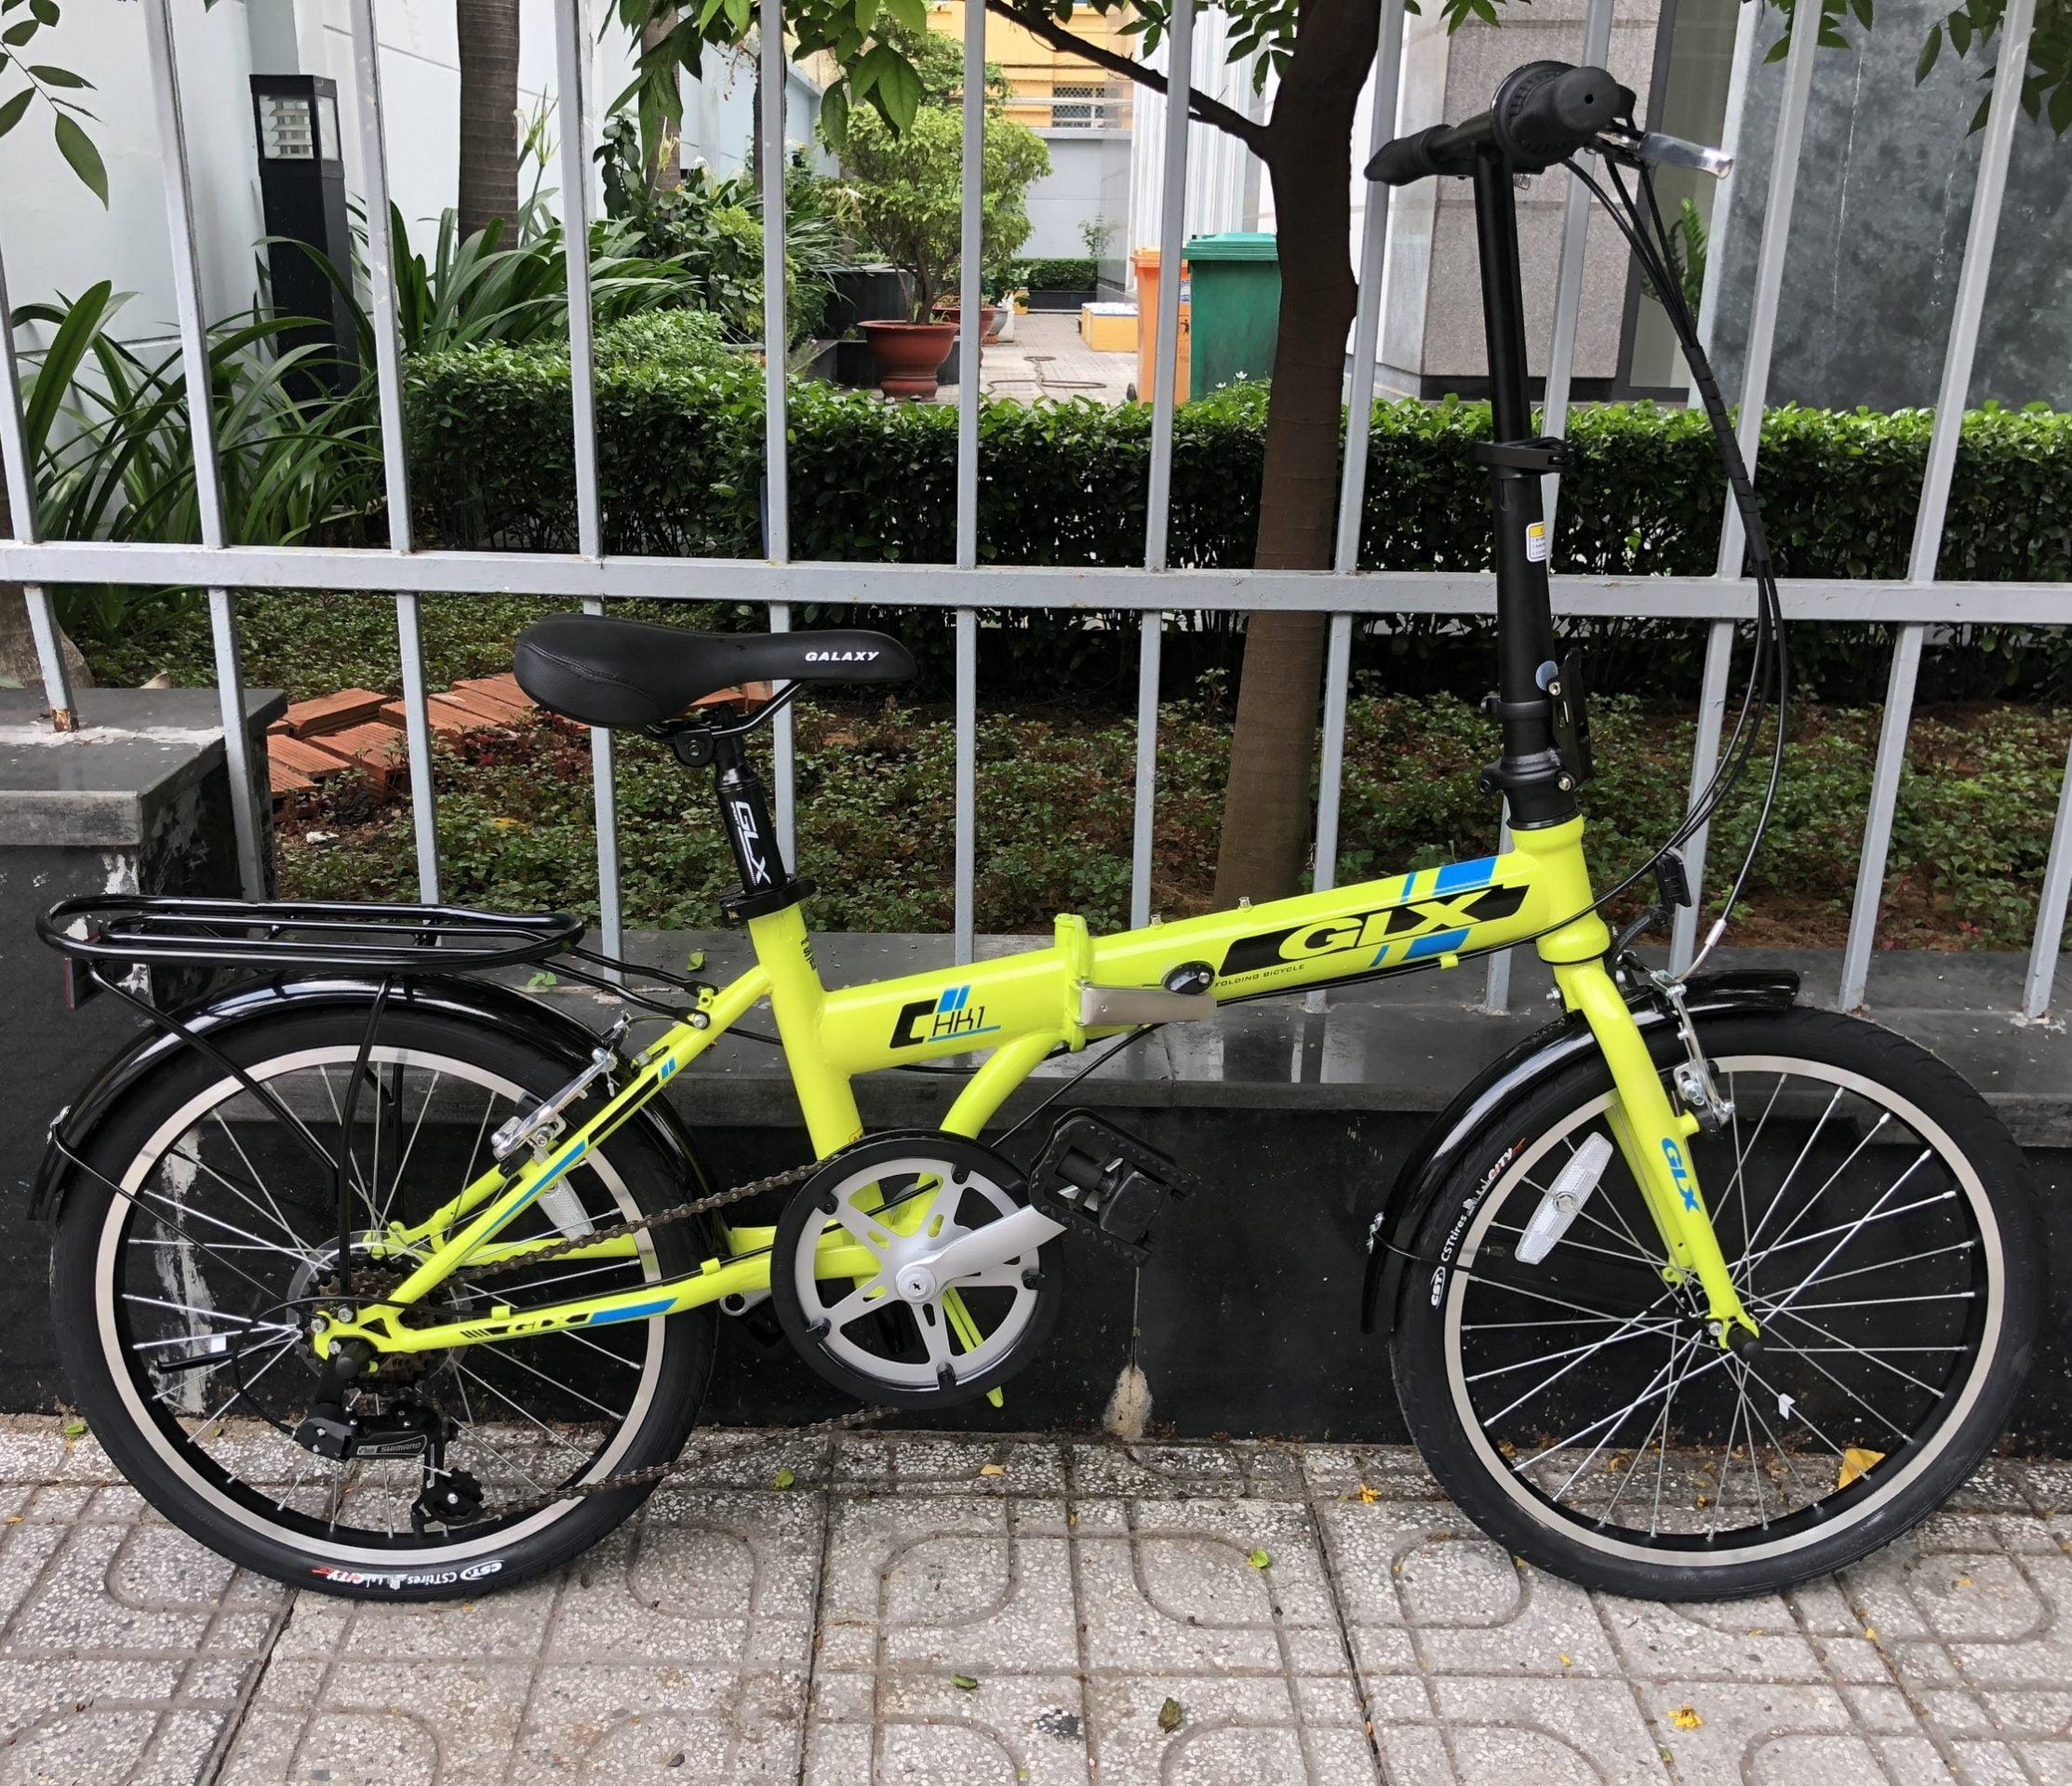 xe đạp gấp galaxy HK1 xanh